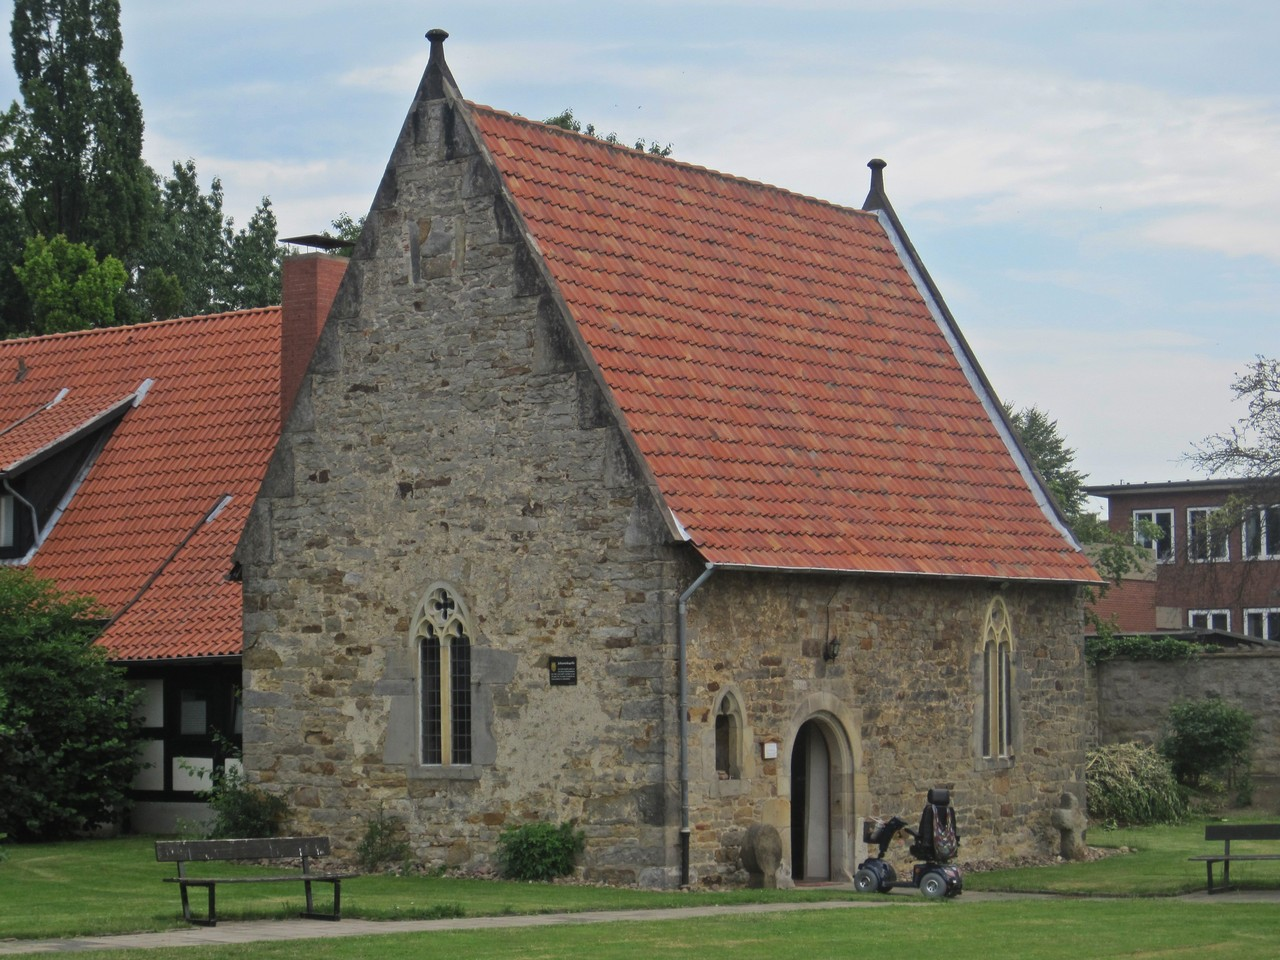 St. Johanniskapelle